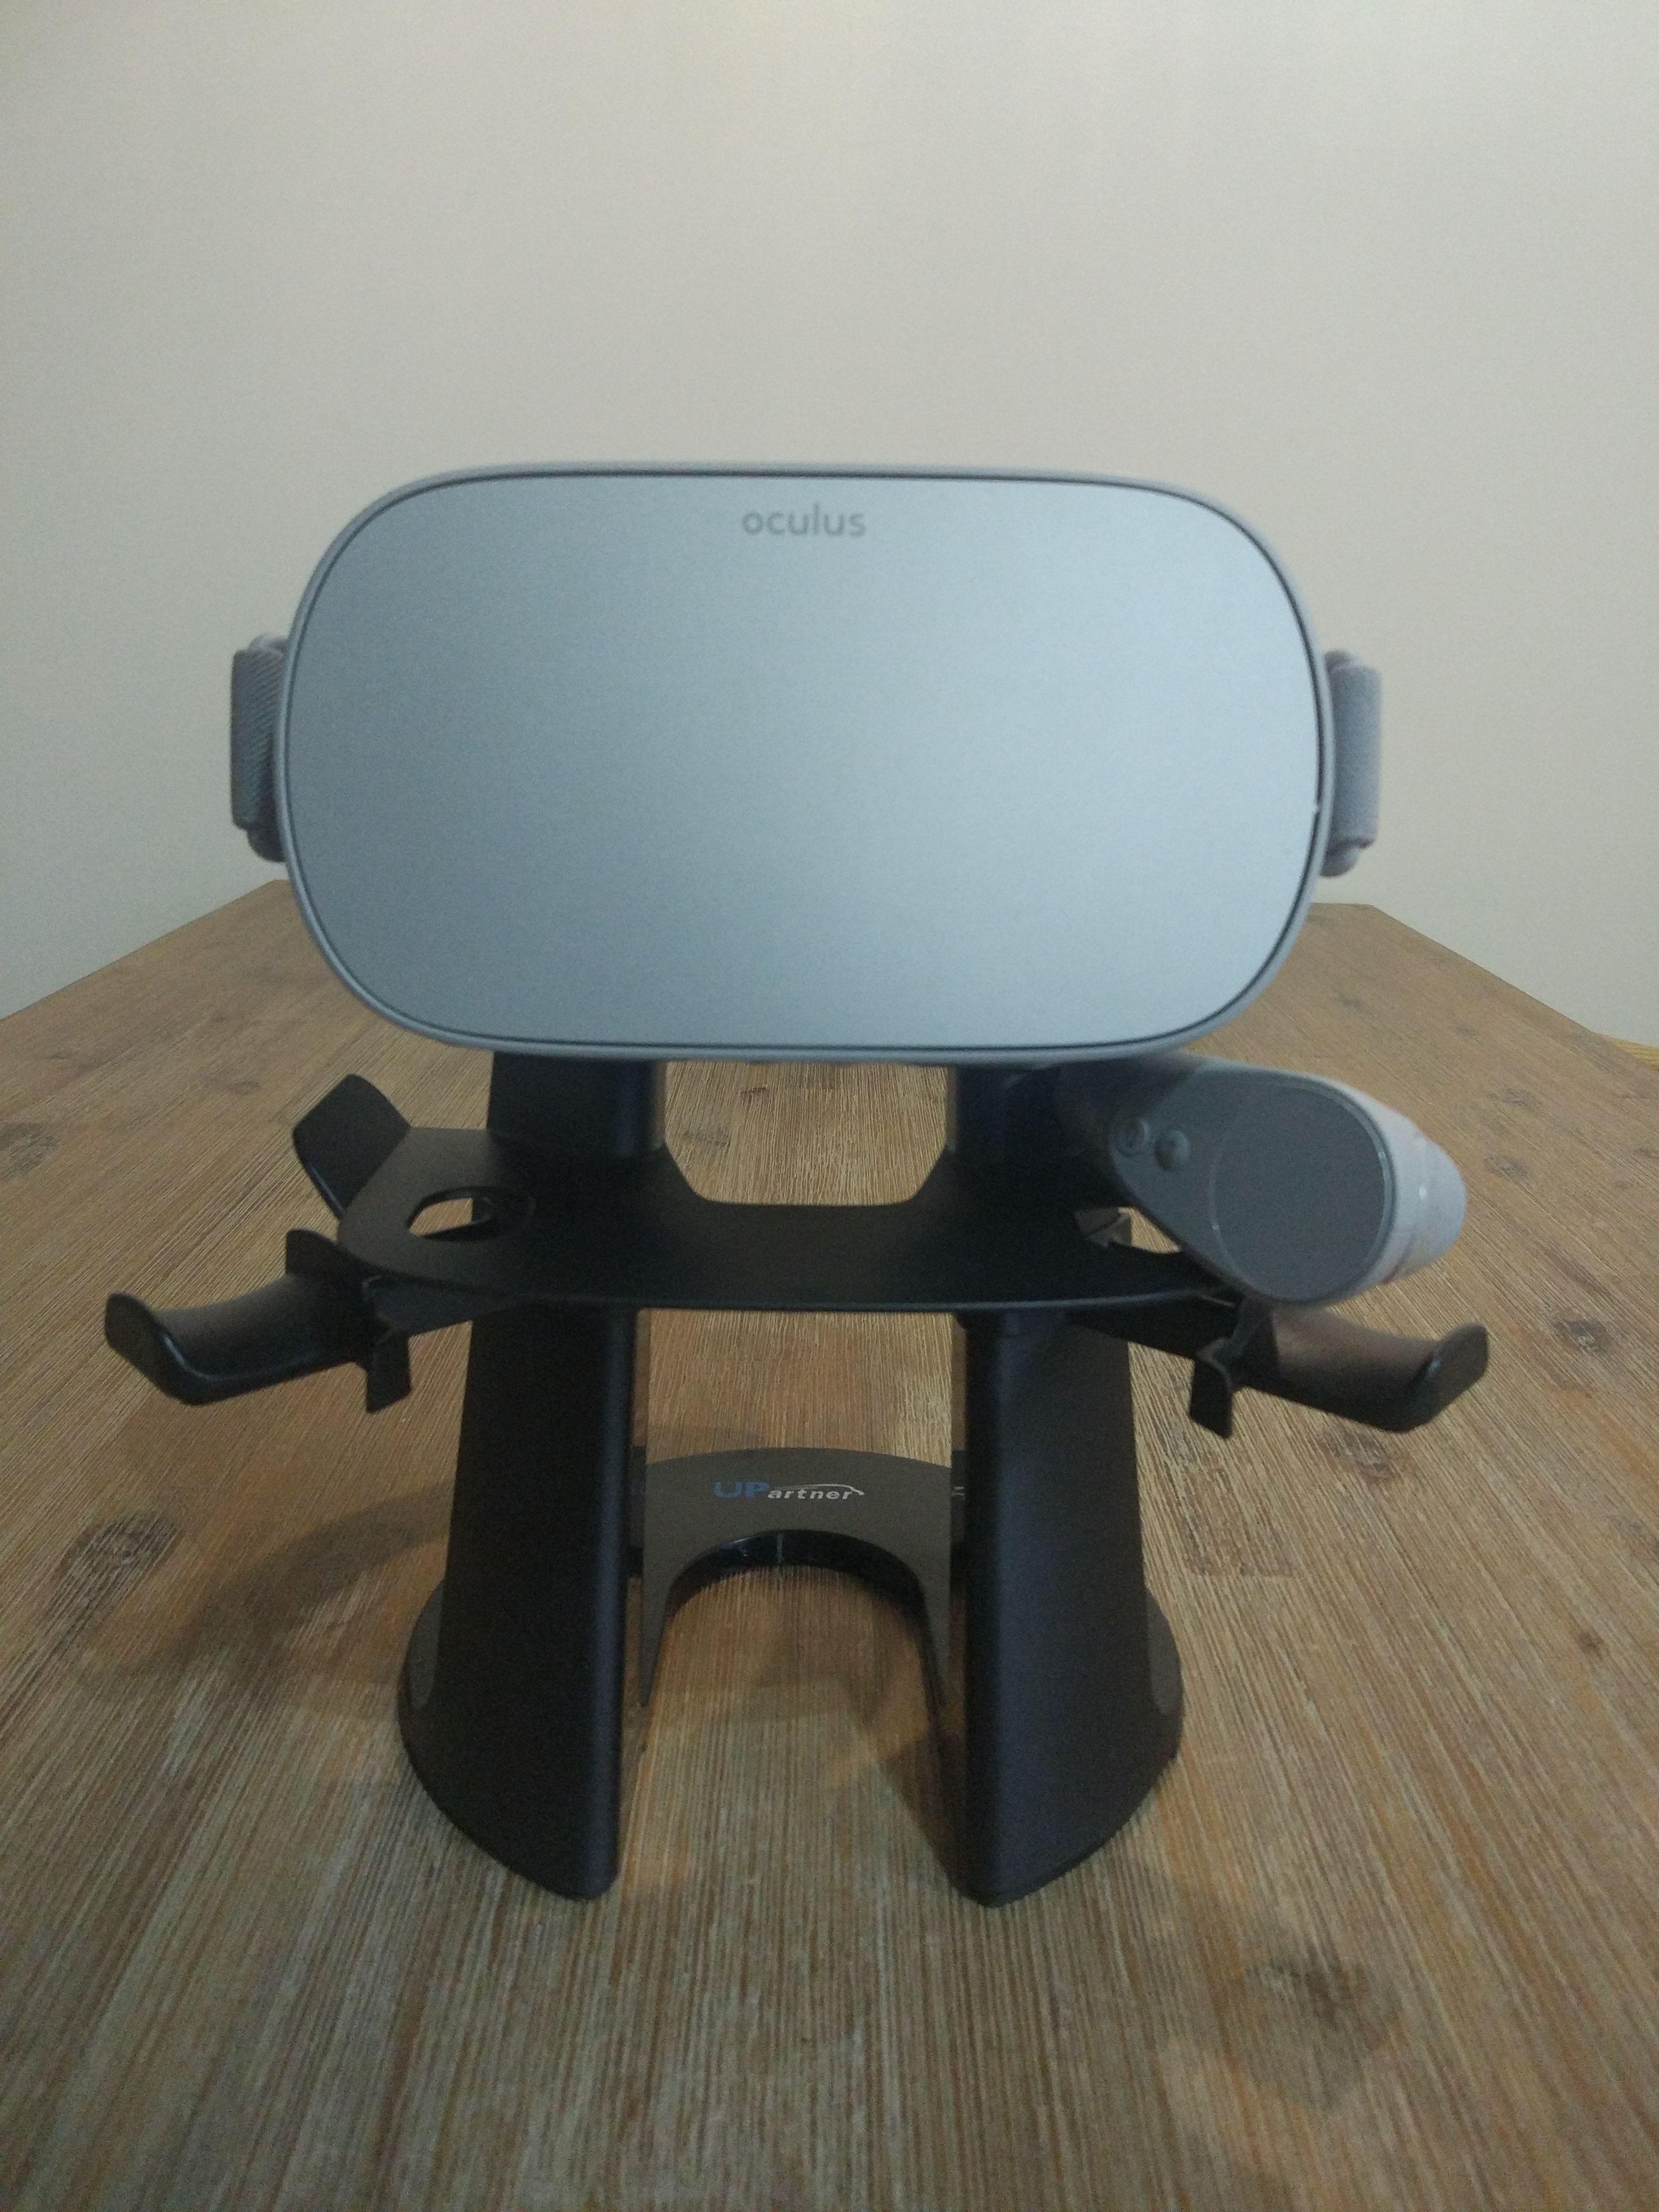 sta d para gafas de realidad virtual